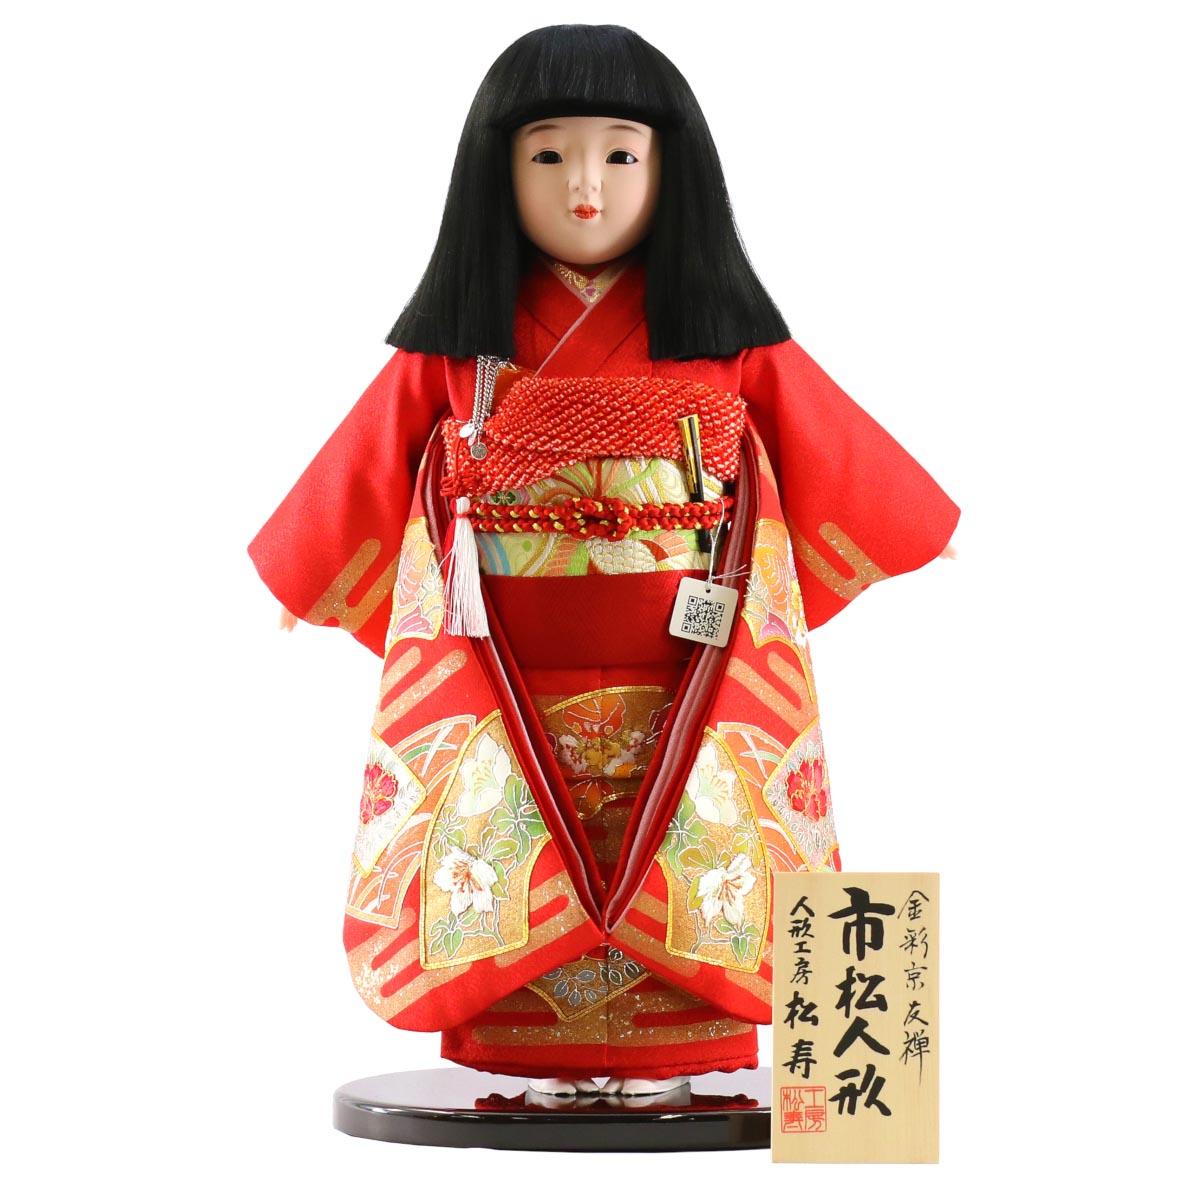 雛人形 松寿 市松人形 松寿作 市松人形 金彩京友禅 お印 市松 ICMY-BM23025-01Z (尺二)ひな人形 かわいい おしゃれ インテリア